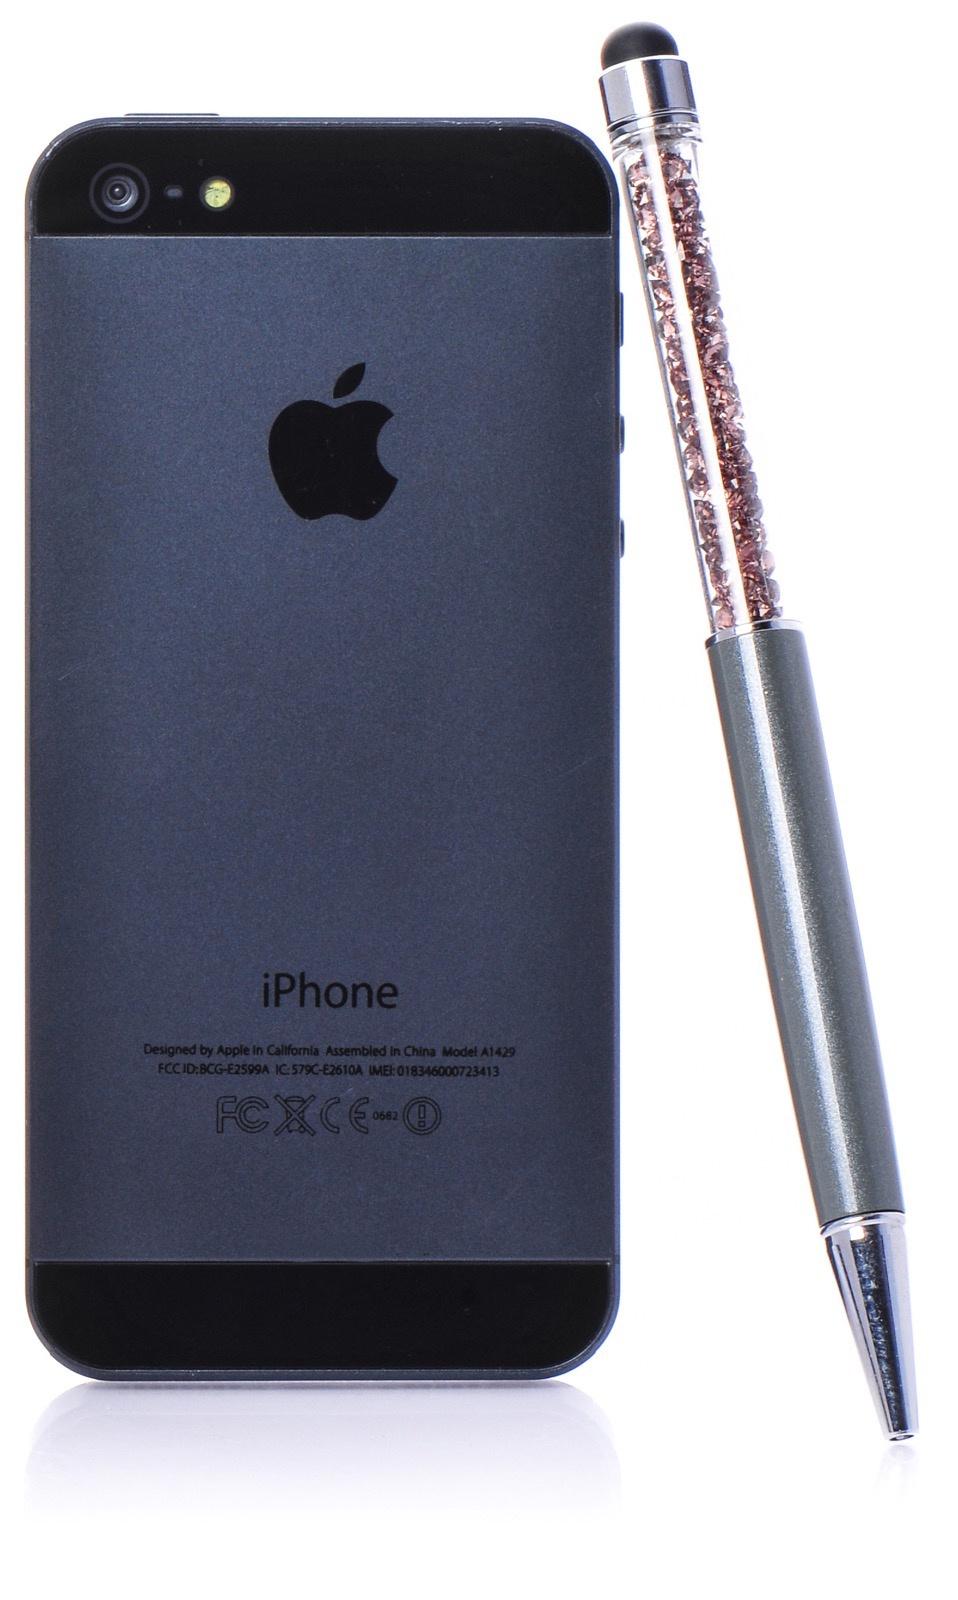 Стилус для мобильного телефона iNeez стилус-ручка емкостной с кристаллами, серый стилус iphone ipad